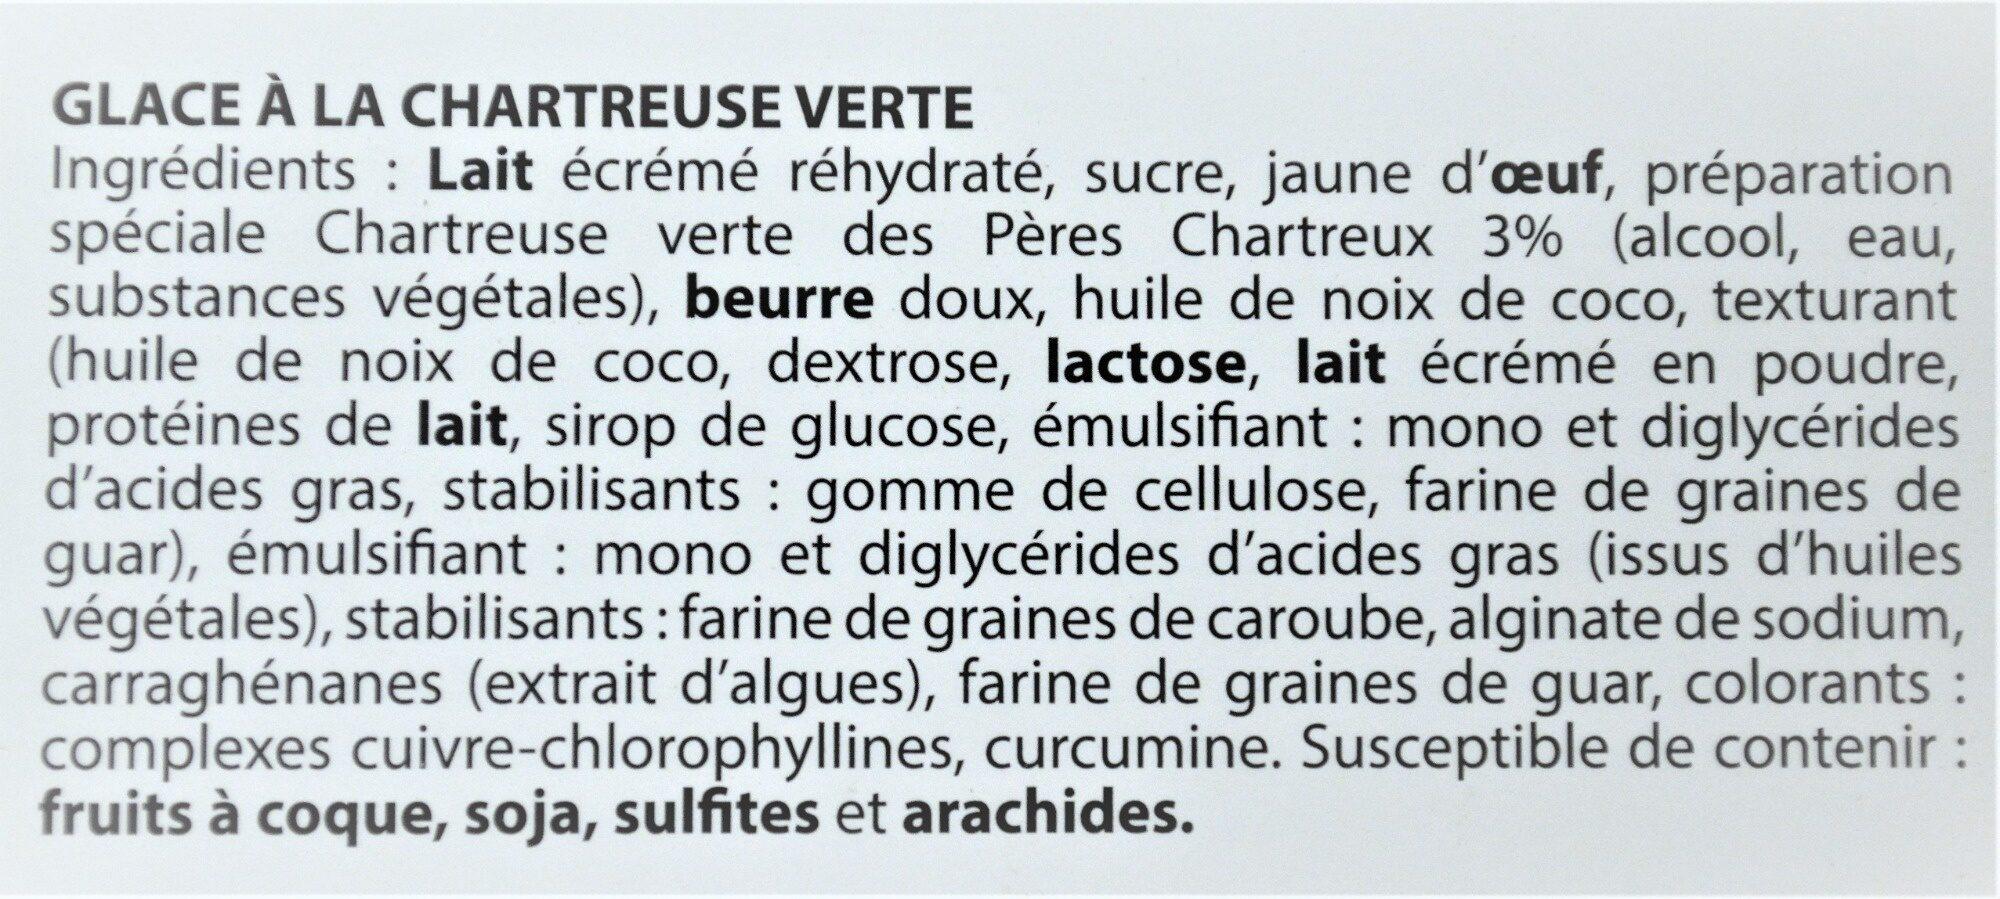 Glace à la CHARTREUSE VERTE, des Pères Chartreux - Ingredients